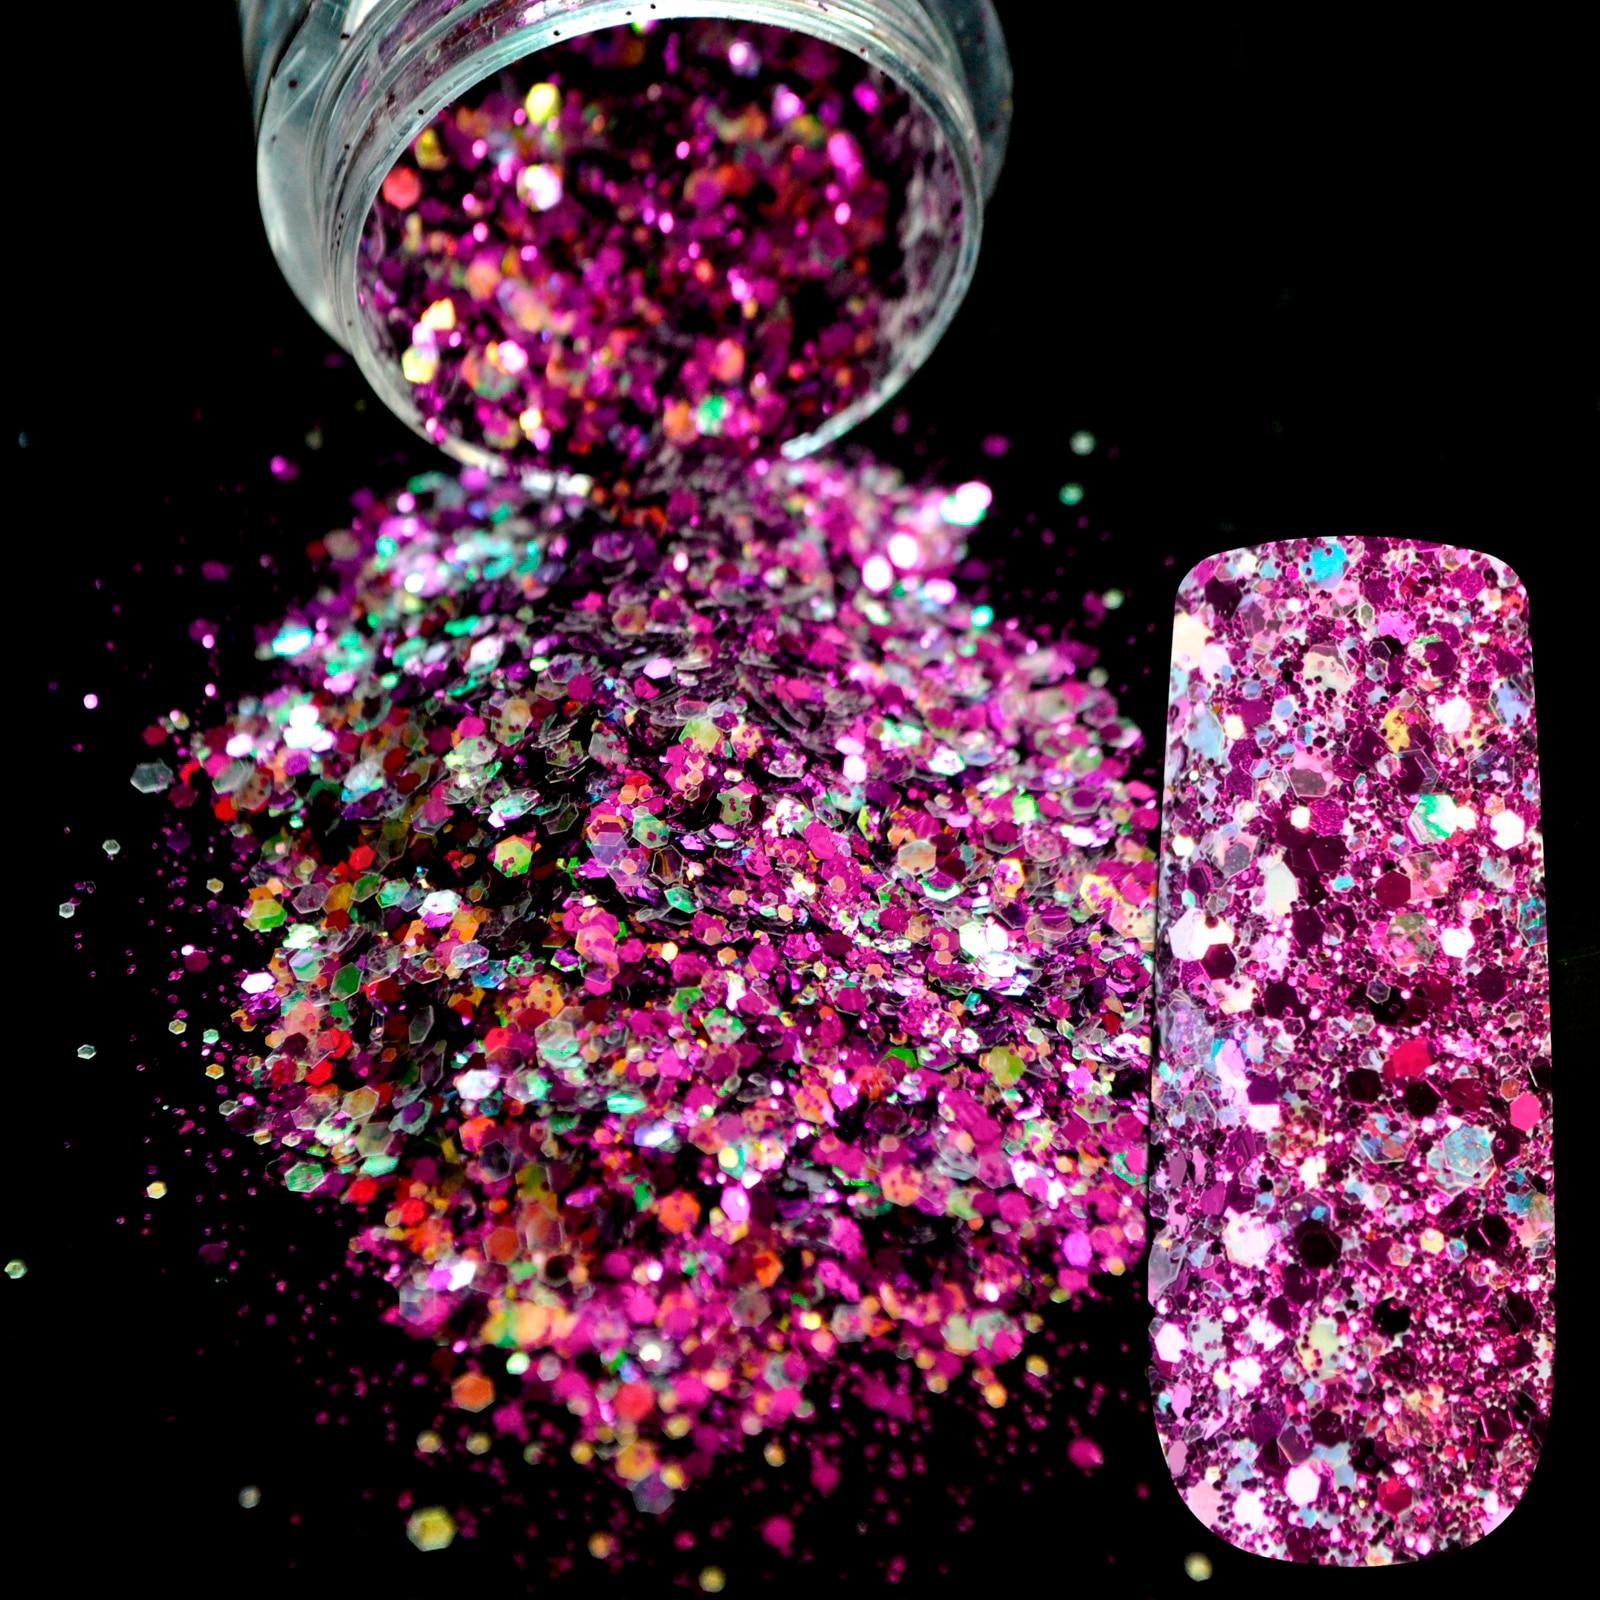 ツ)_/¯Dazzling Makeup Glitter Colored light Purple Nail Art Glitter ...